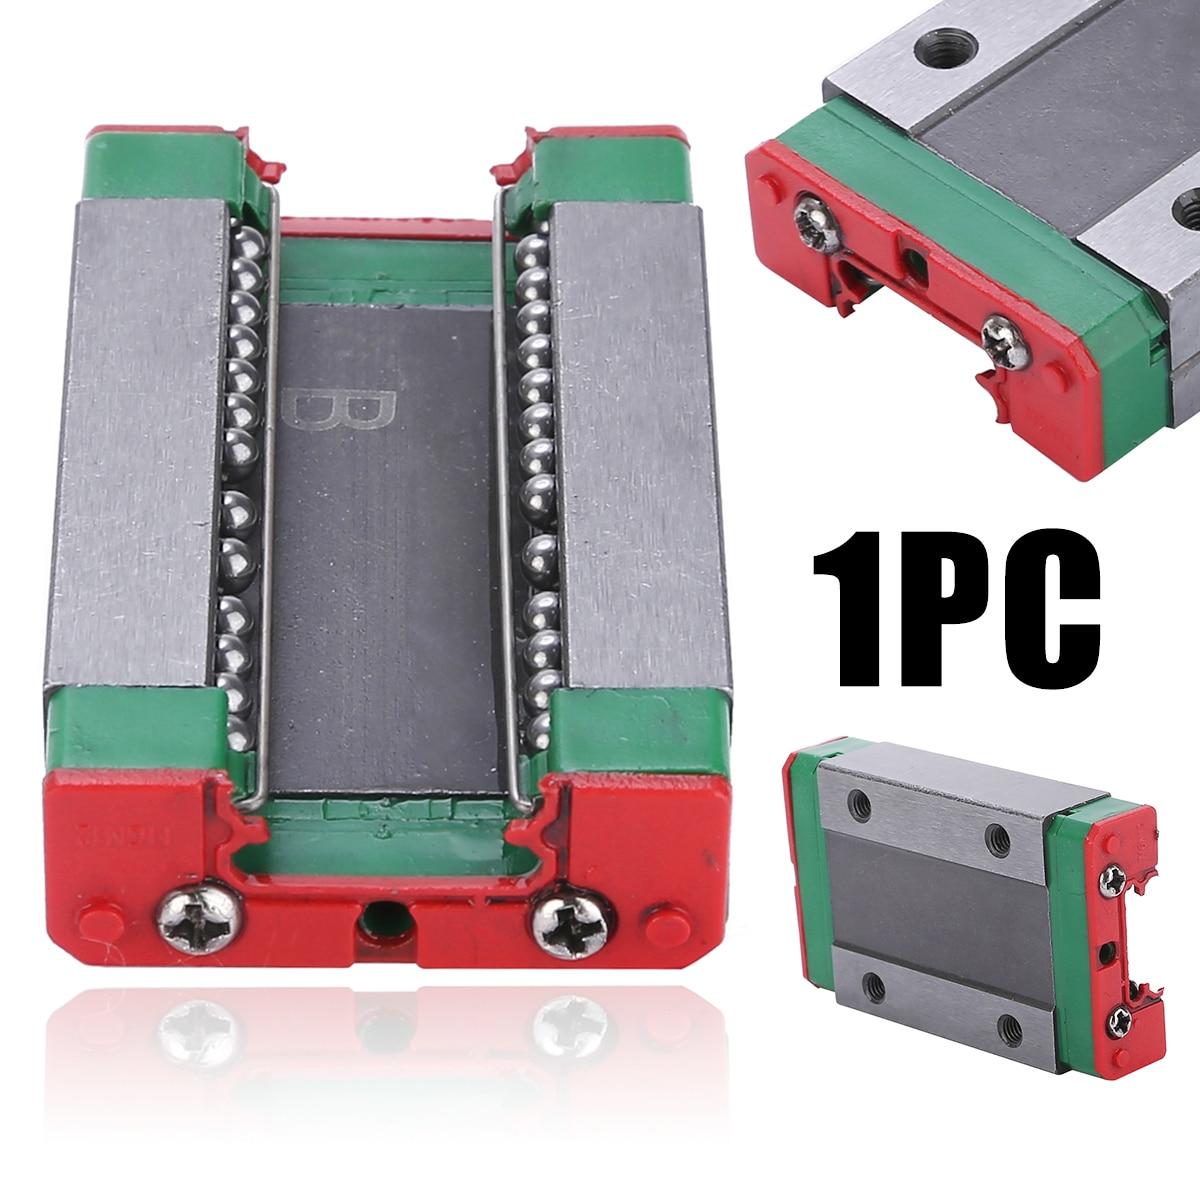 1 pçs mgn12h aço deslizante bloco durável linear guia 43x26x10mm para rolamento linear cnc xyz diy